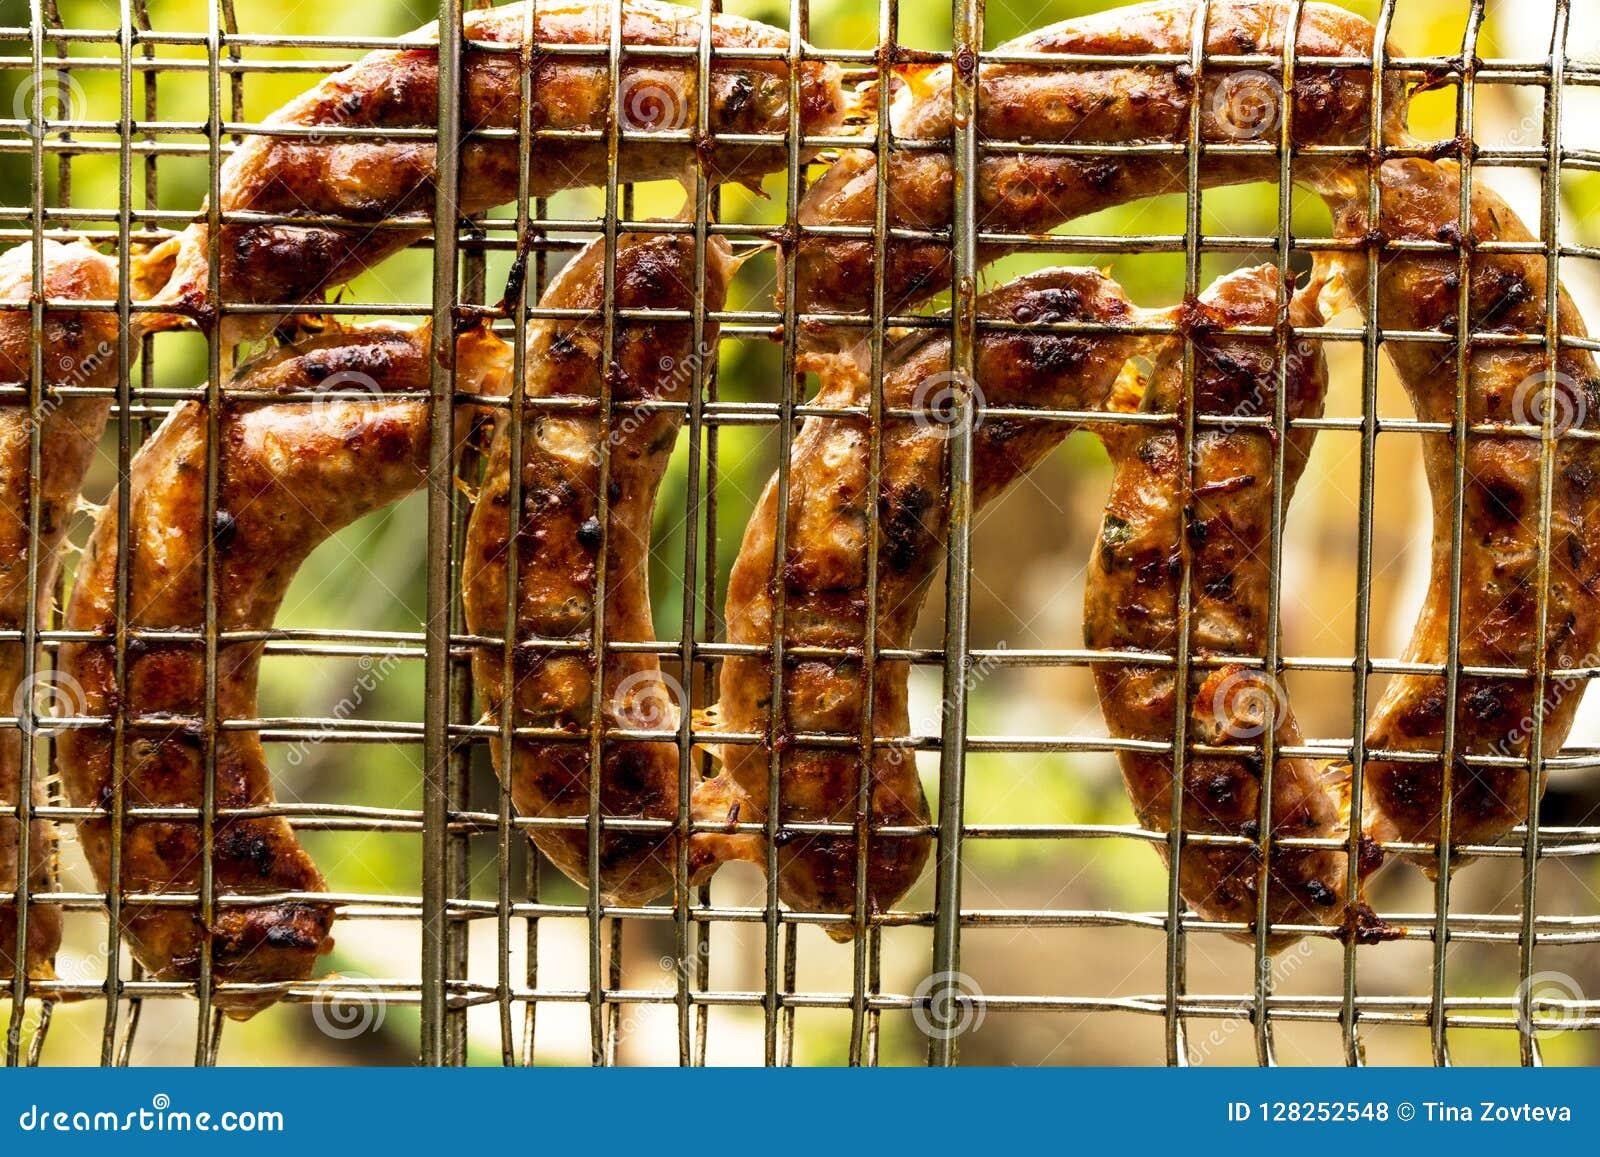 Grillen von Würsten auf Grillgrill-Hintergrundansicht